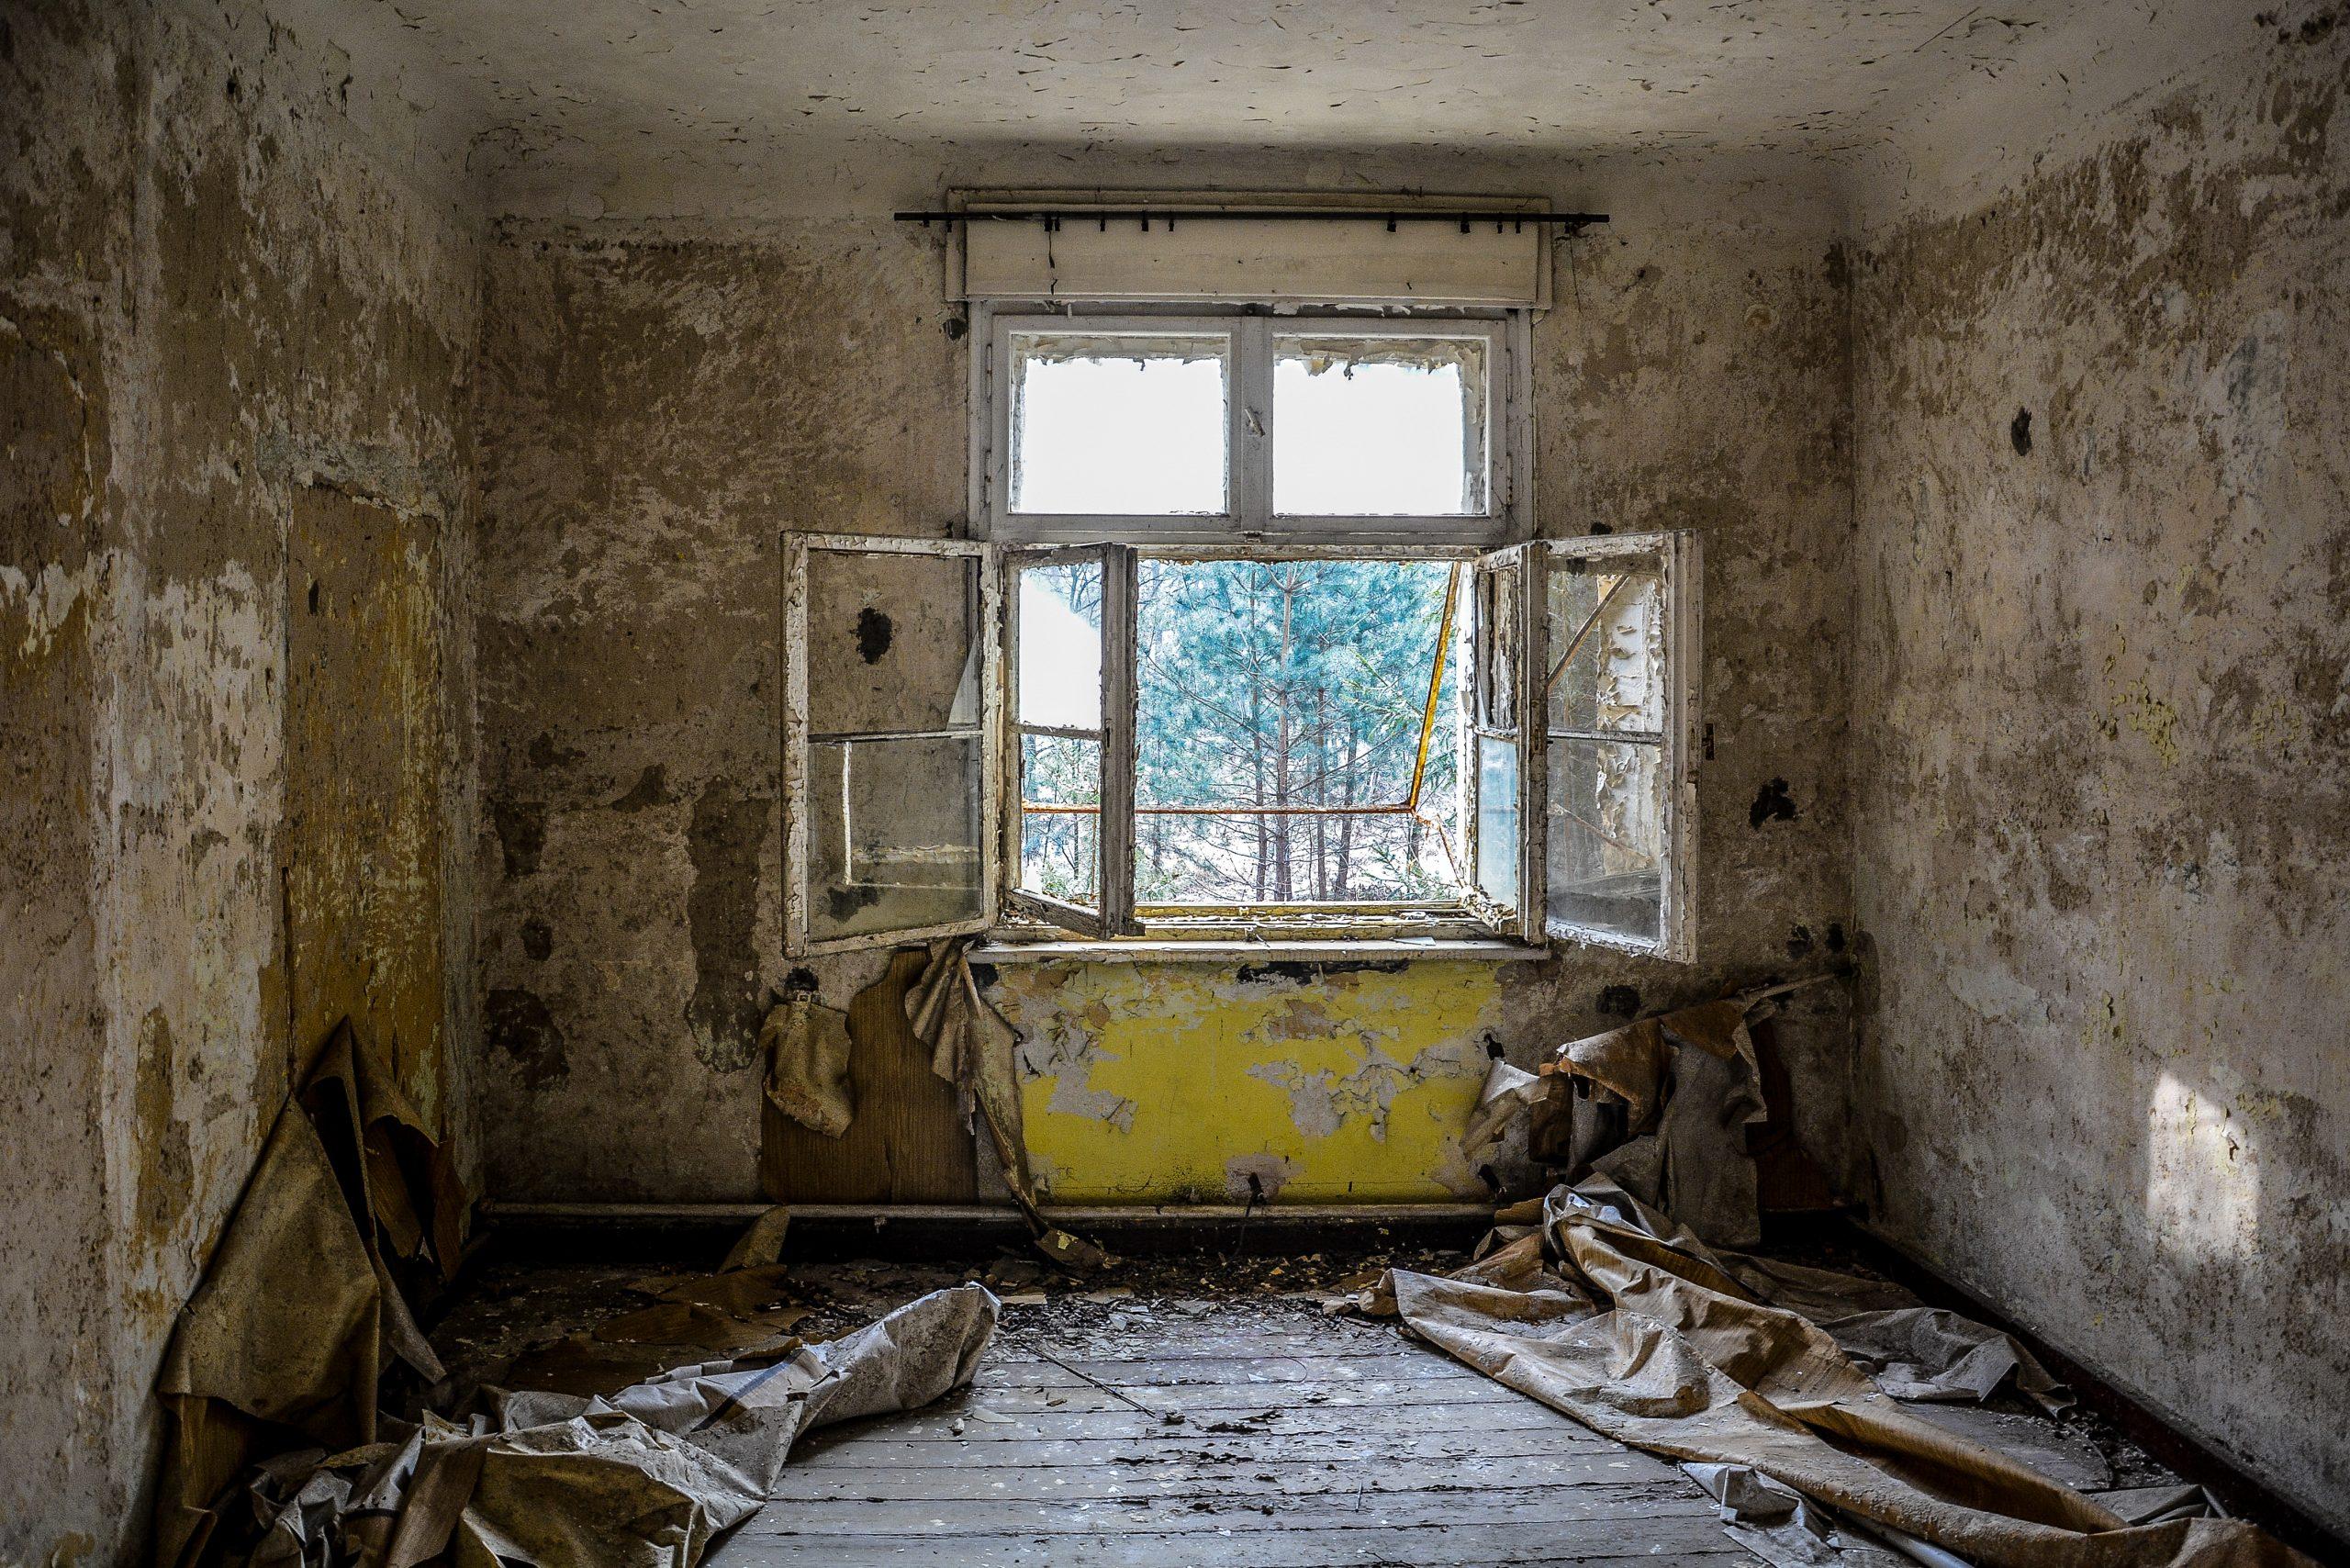 open windows offene fenster forst zinna adolf hitler lager luckenwalde juterbog sowjet kaserne soviet military barracks germany lost places urbex abandoned